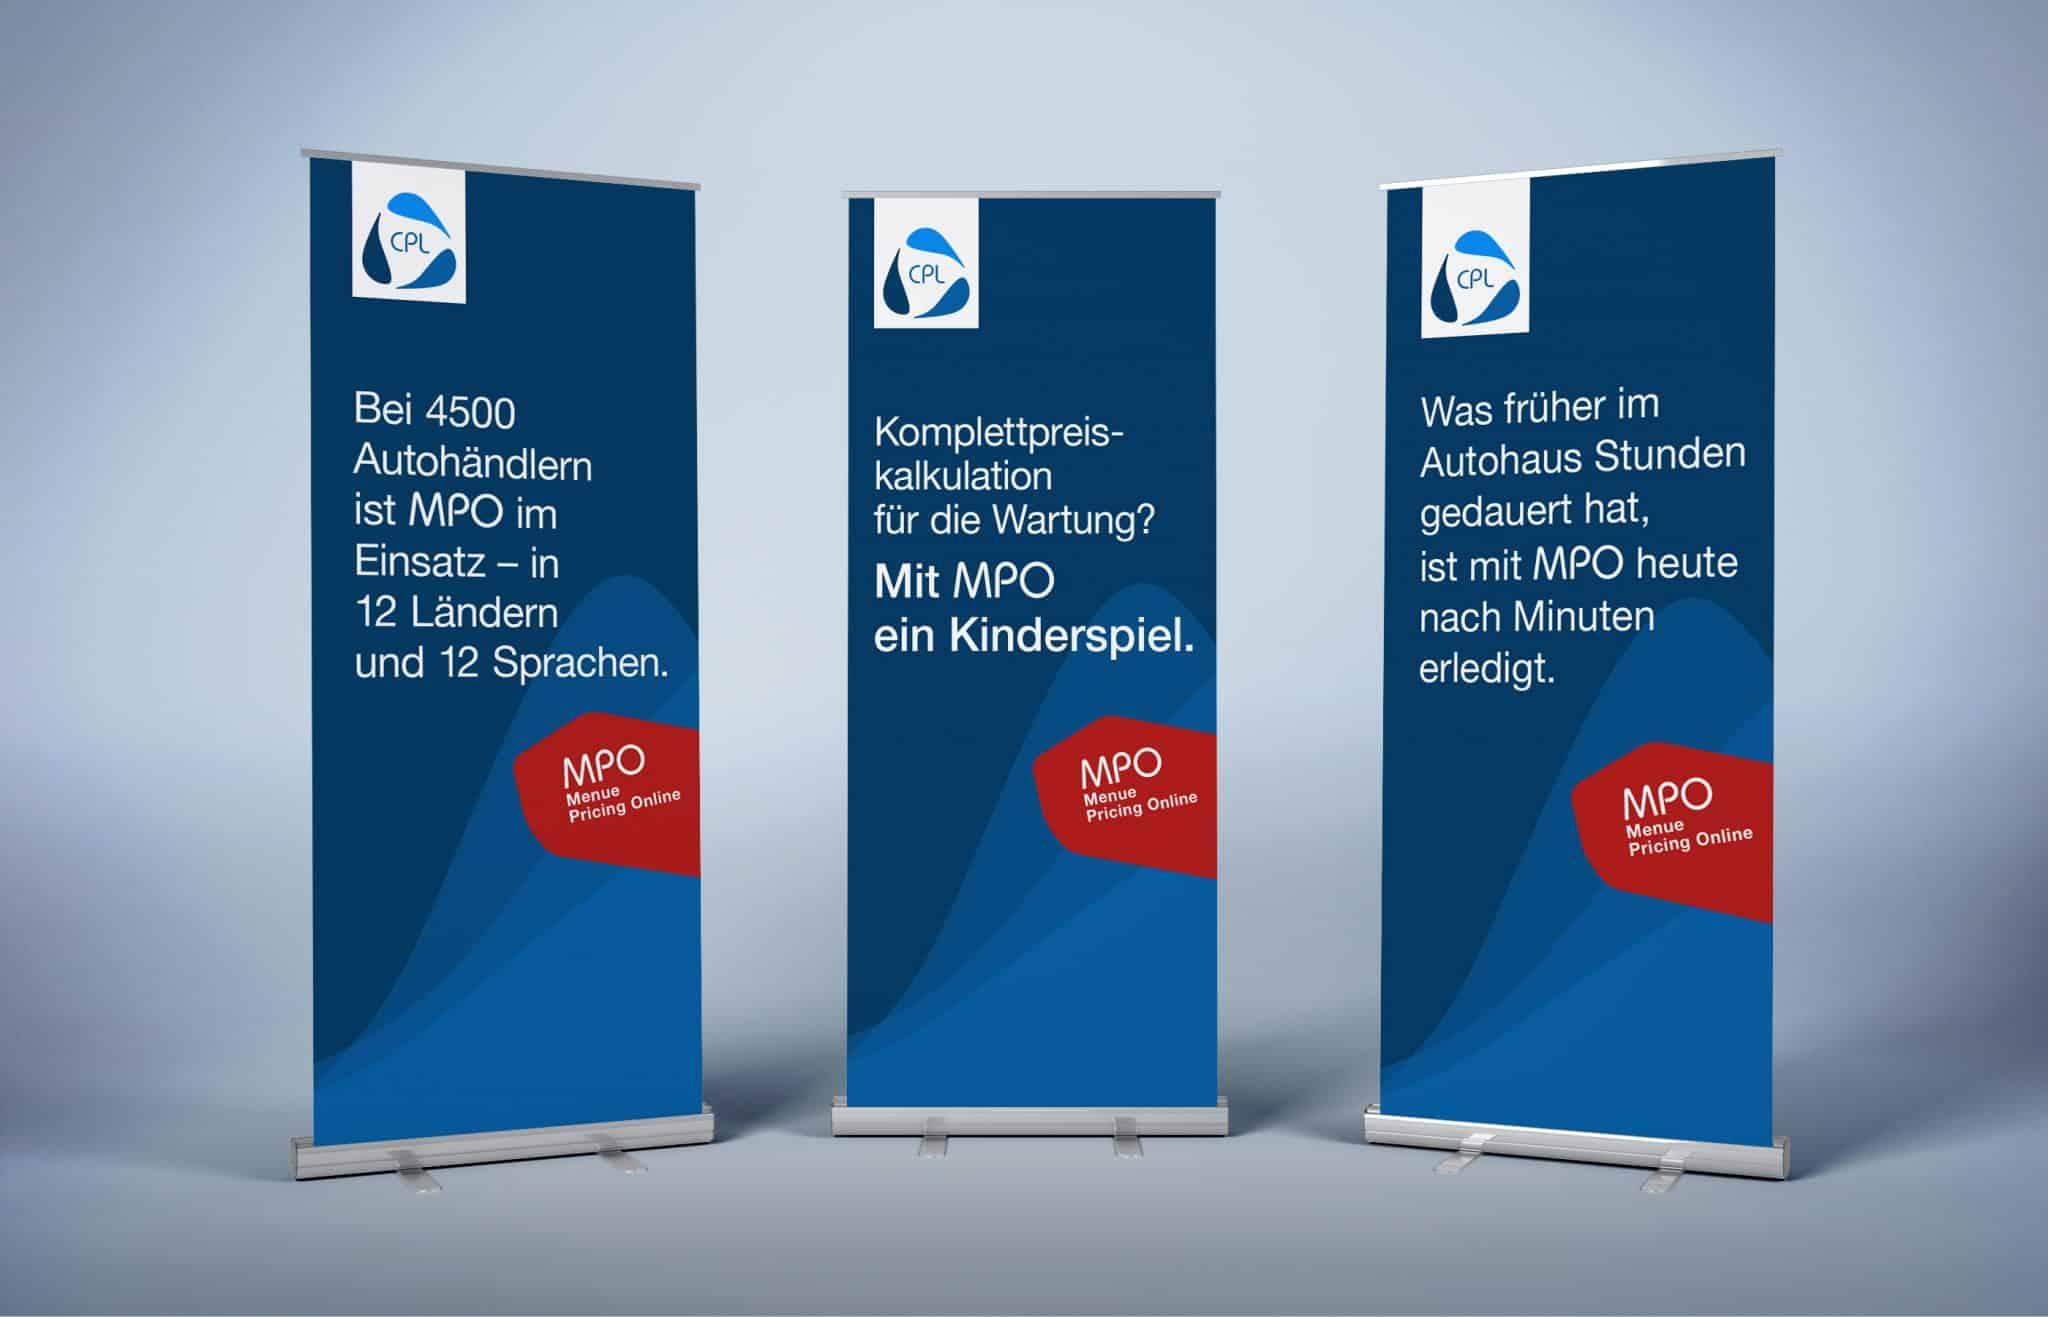 CPL Würzburg Corporate Design Corporate Identity Markenentwicklung Arbeitgebermarke Agentur